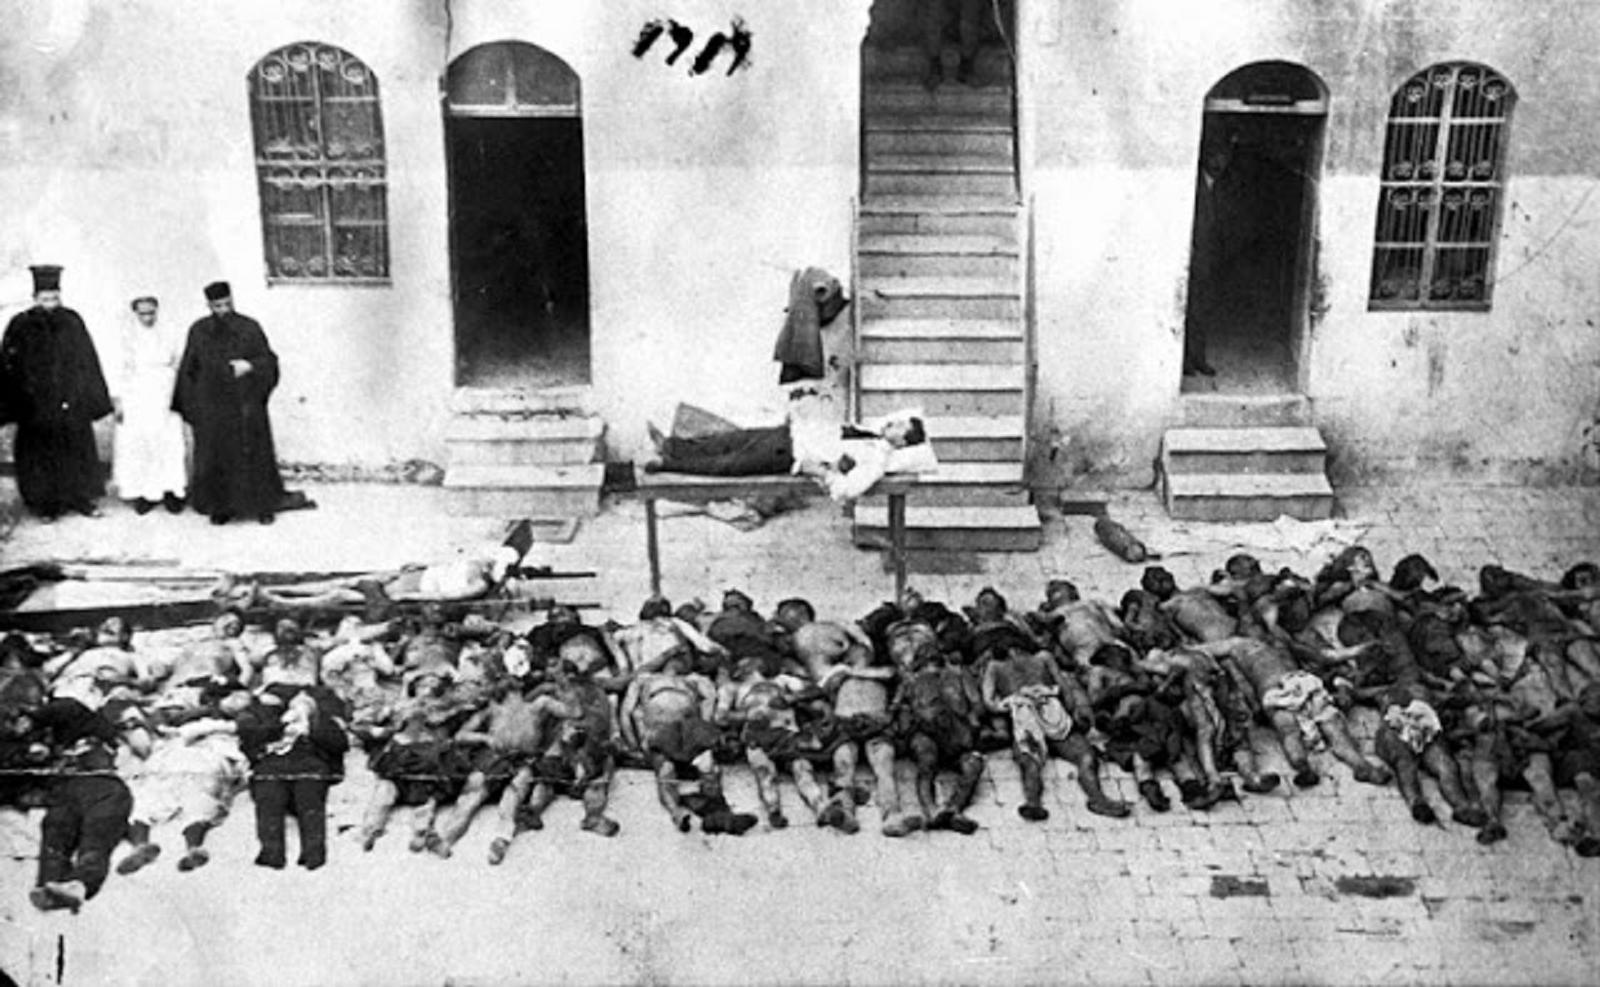 Μαθήματα ιστορίας από την Τουρκία στην Ελλάδα για την Γενοκτονία των Ποντίων